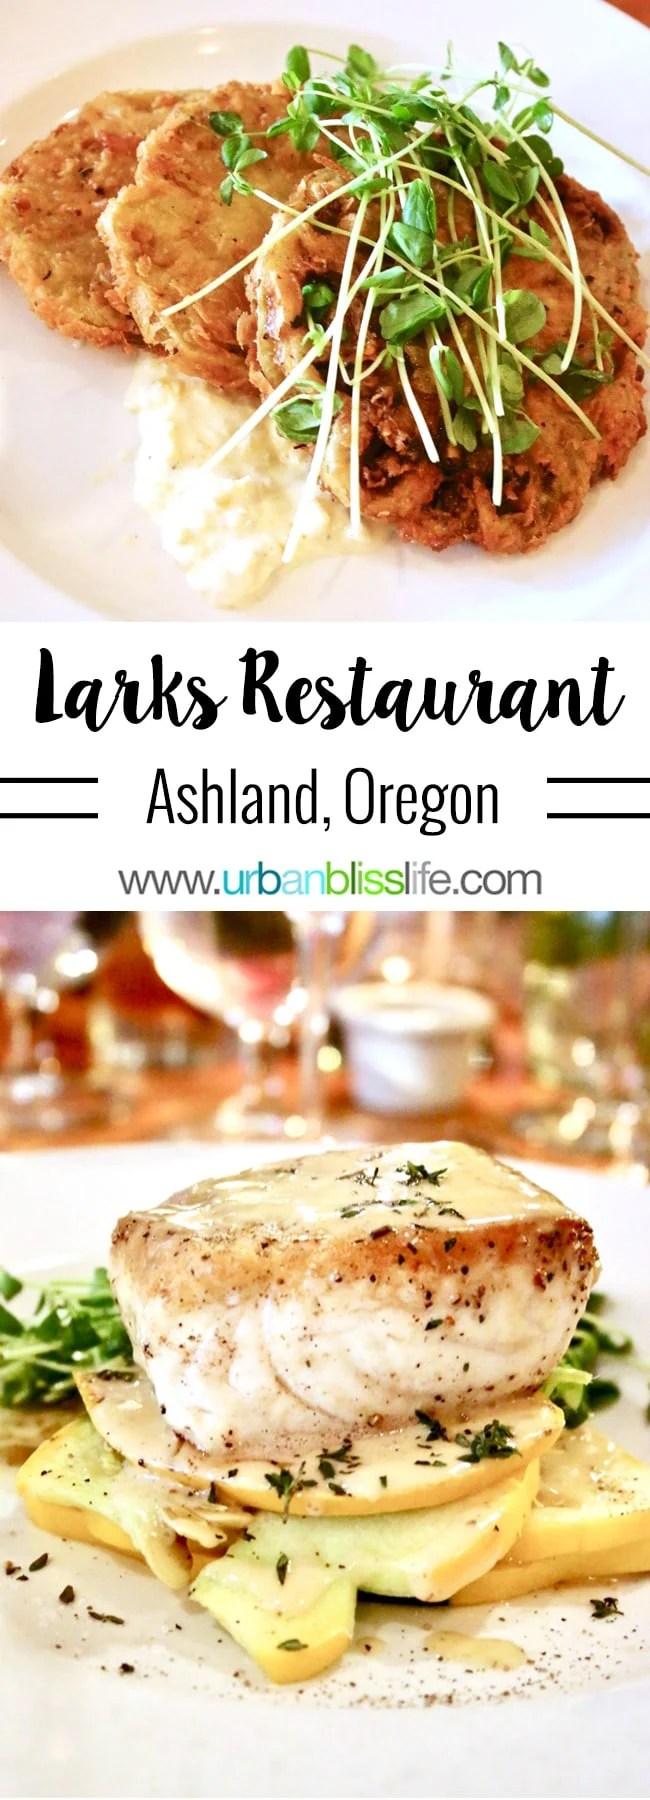 Larks Restaurant in Ashland, Oregon. Restaurant review on UrbanBlissLife.com